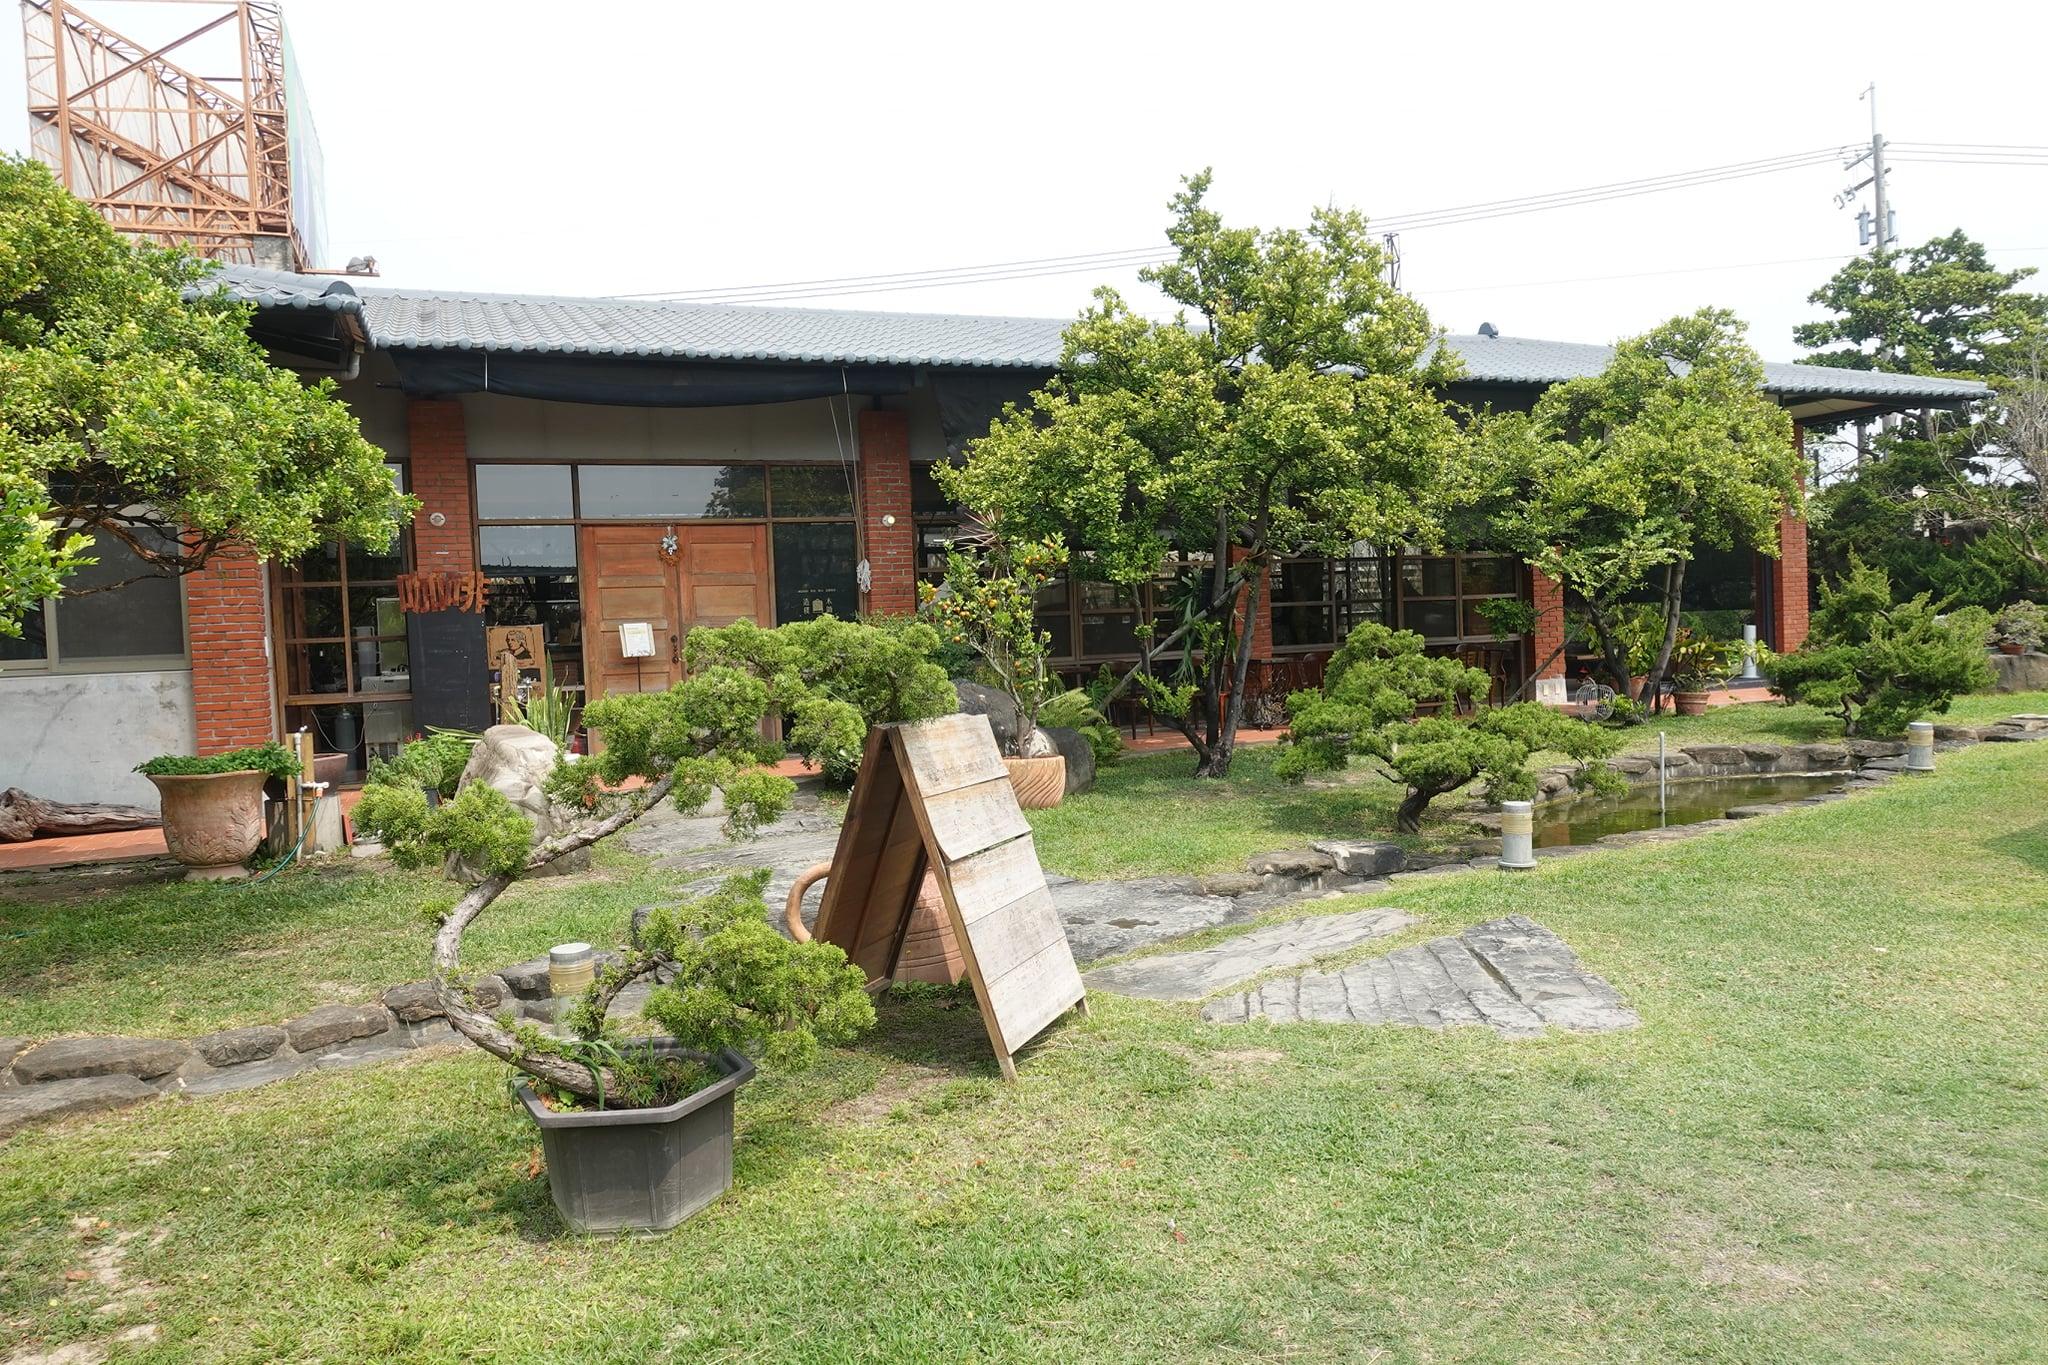 【屏東】枋寮有美麗庭園的咖啡廳、適合遛小孩及毛孩的奇茂園-木鋤造樸